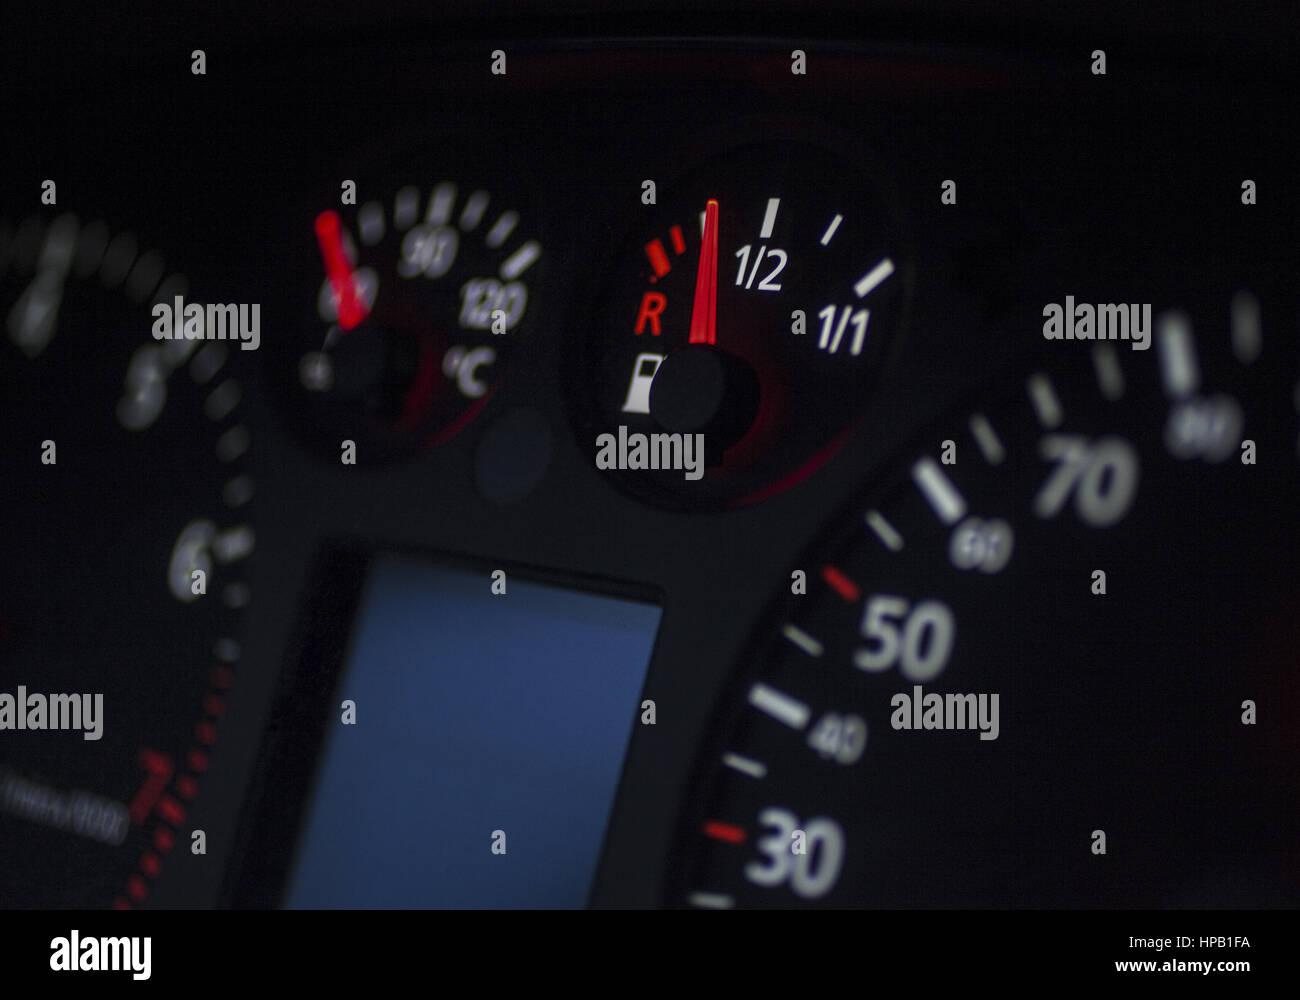 Tankanzeige in Kraftfahrzeug - Stock Image